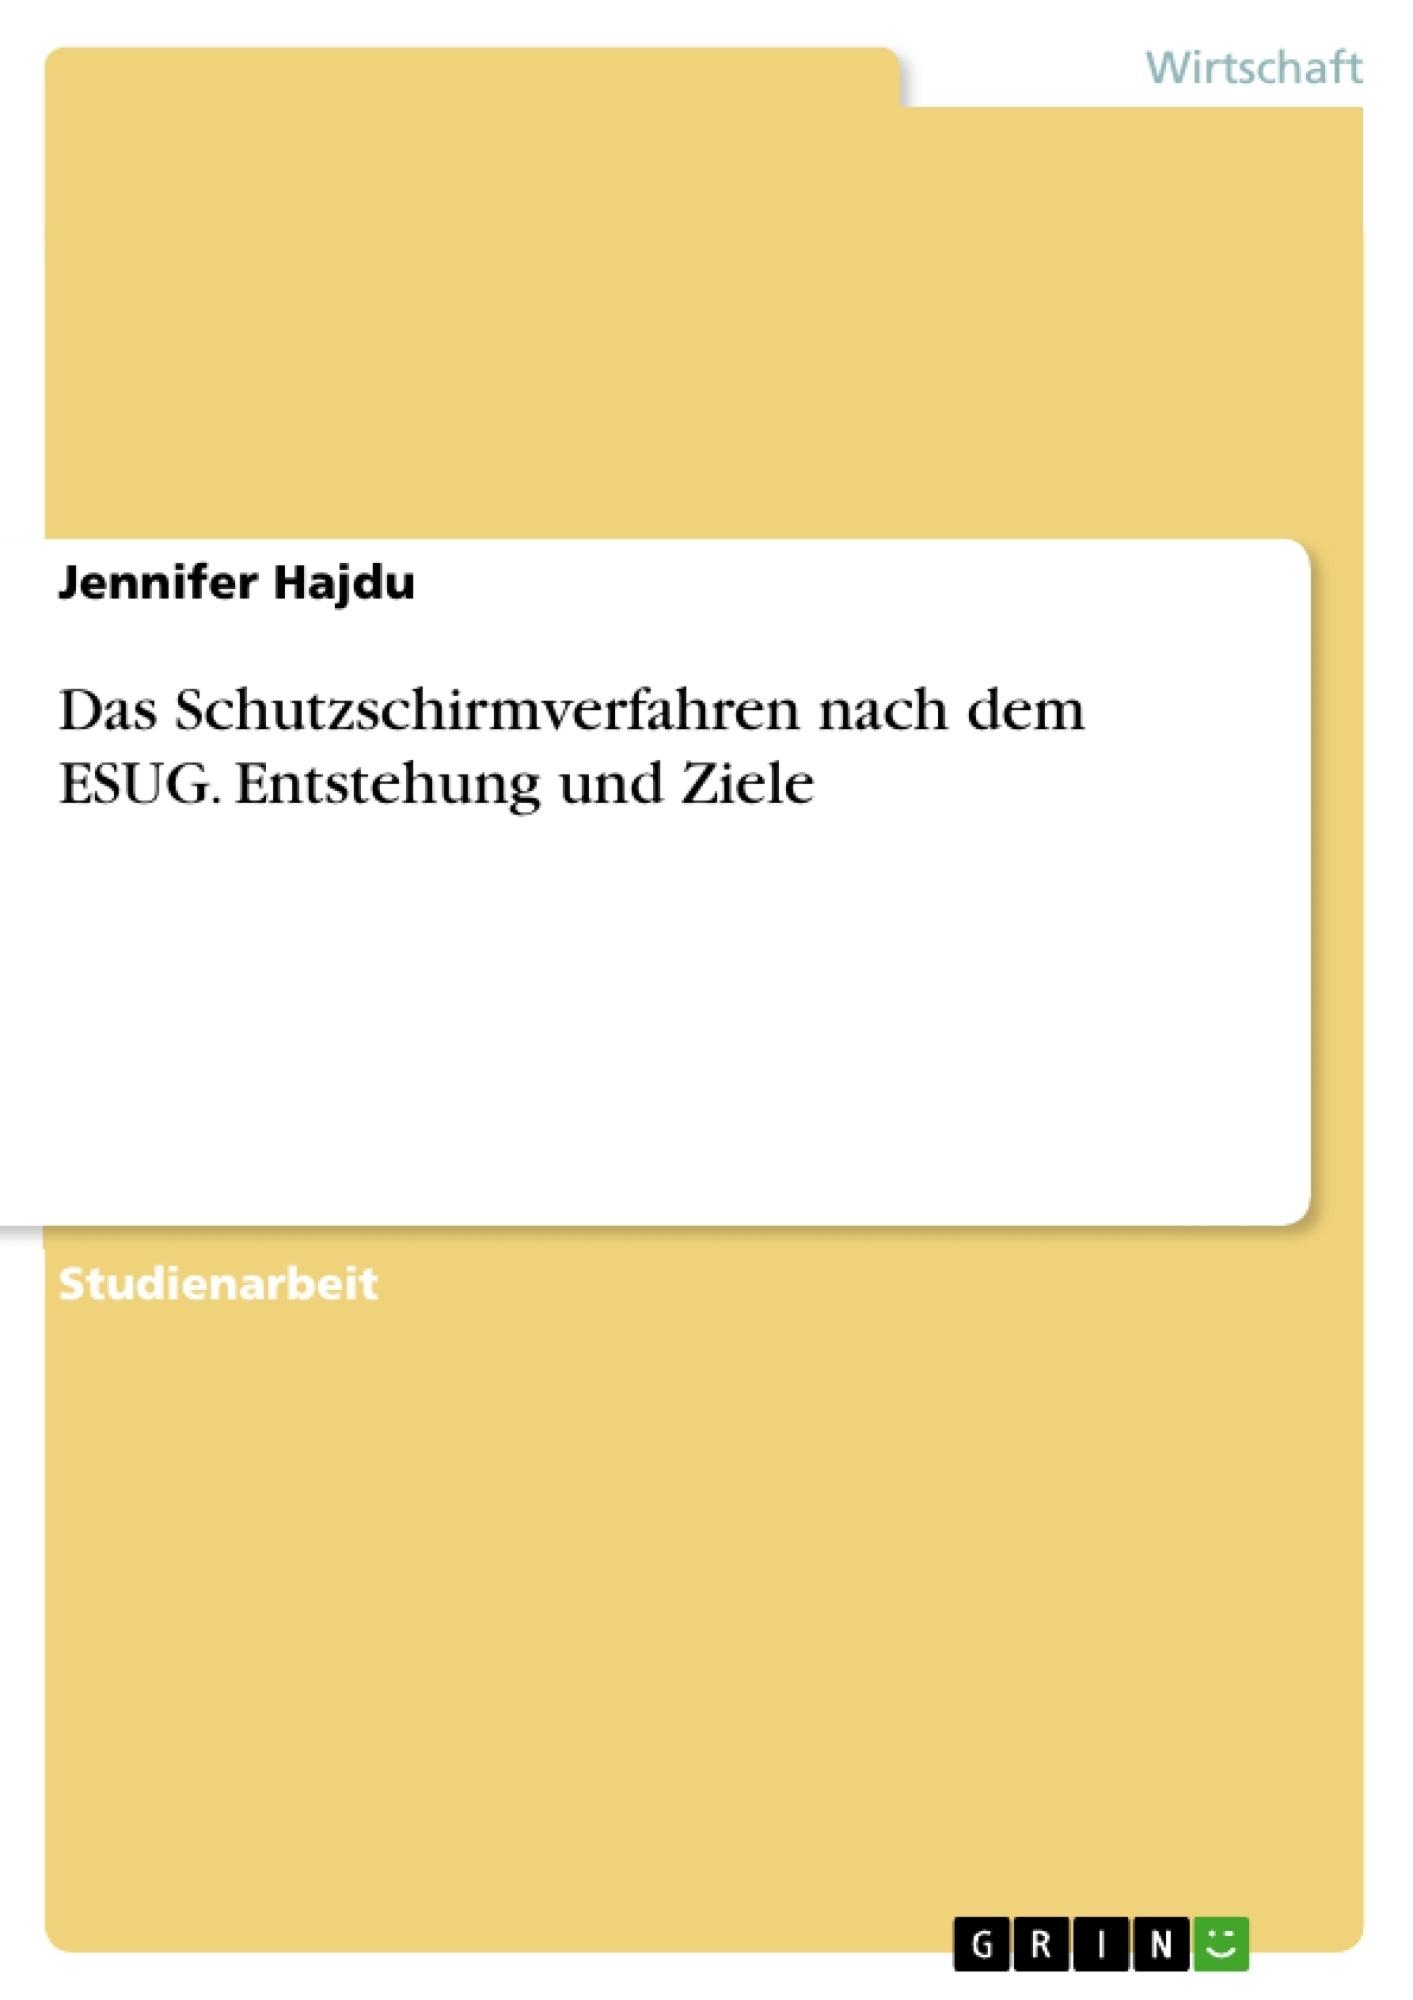 Titel: Das Schutzschirmverfahren nach dem ESUG. Entstehung und Ziele